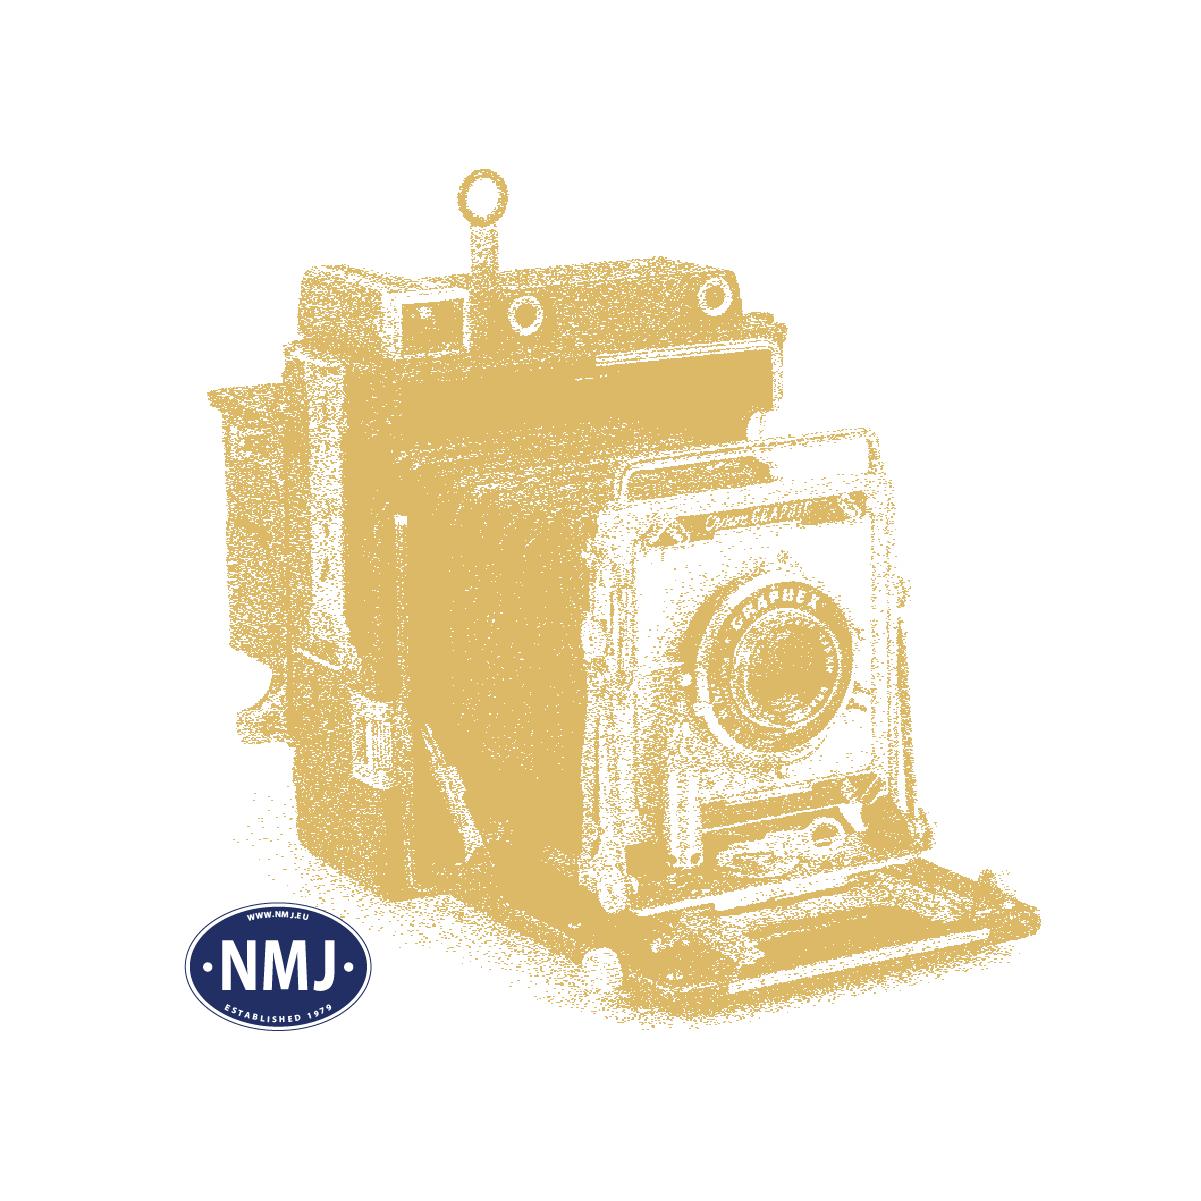 NMJT90604 - NMJ Topline CLR V170 1151, DCC w/ Sound